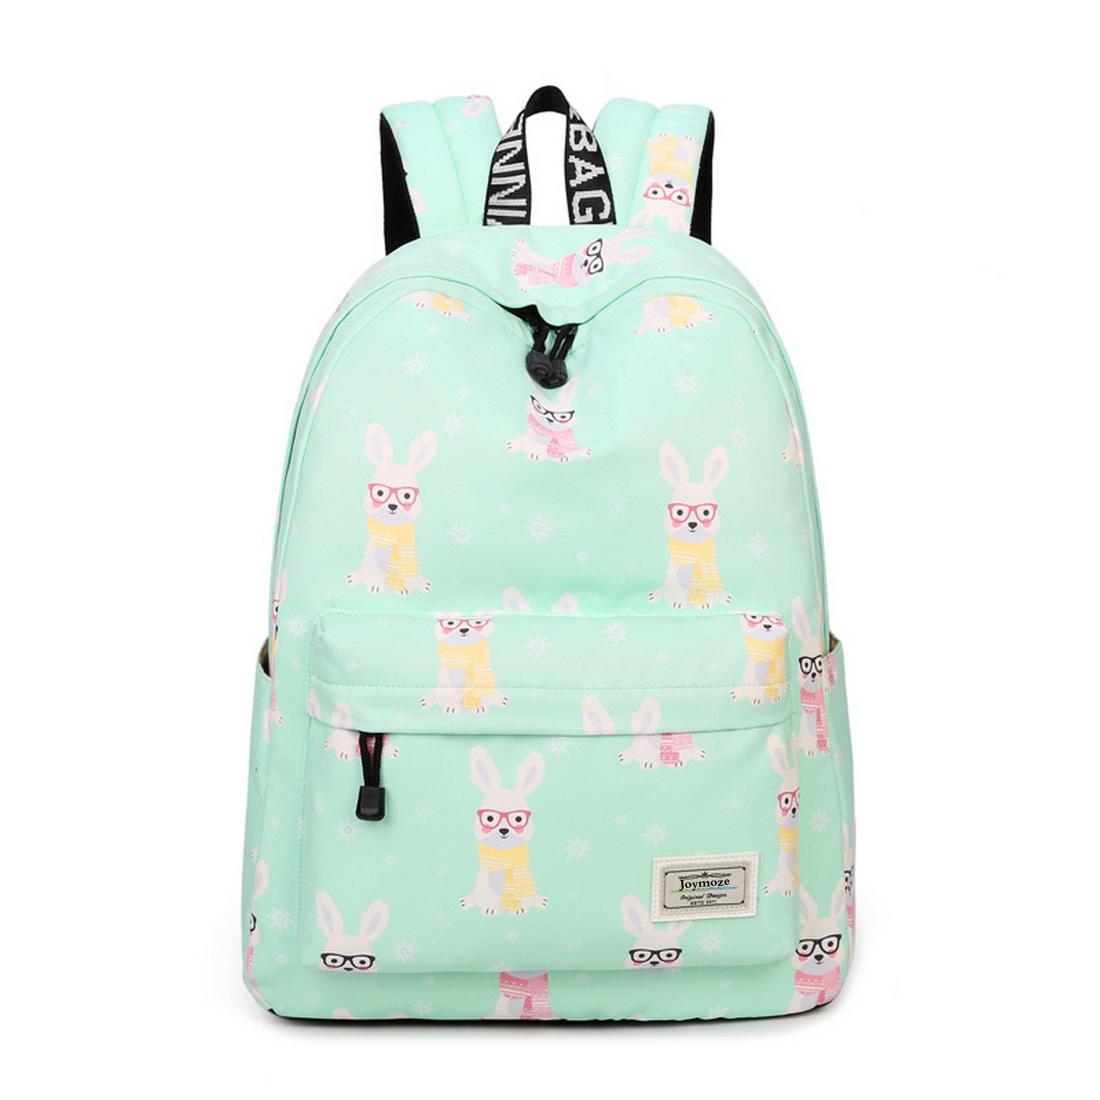 School Backpack Joymoze Waterproof School Backpack For Girls